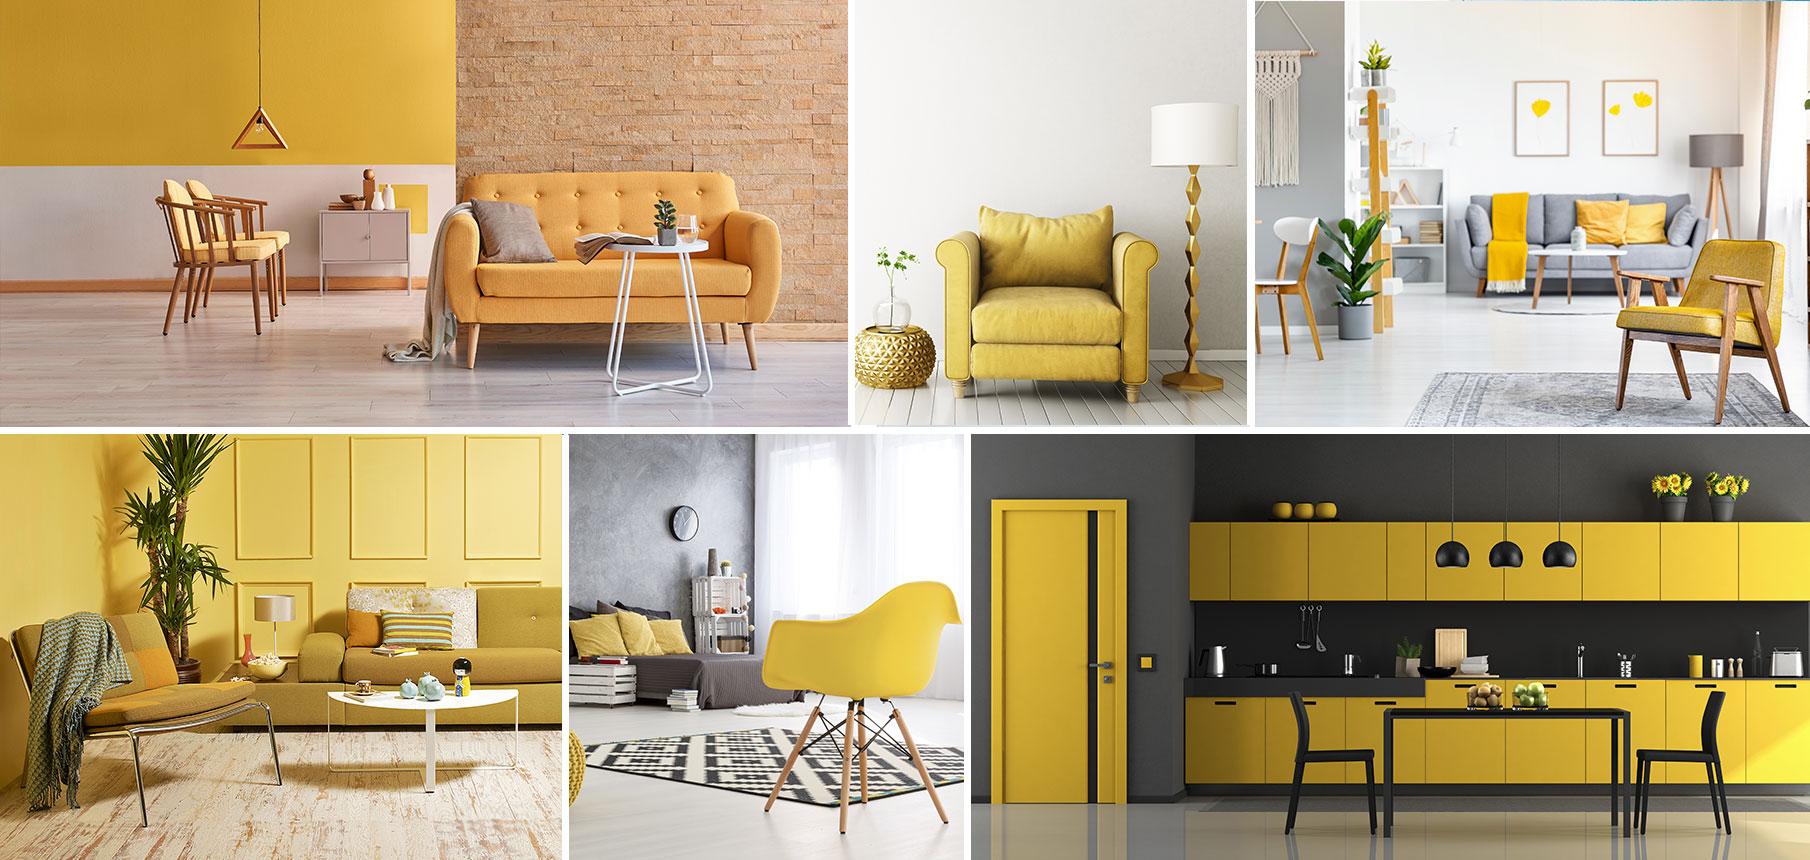 Deco Jaune Et Vert jaune - couleur jaune